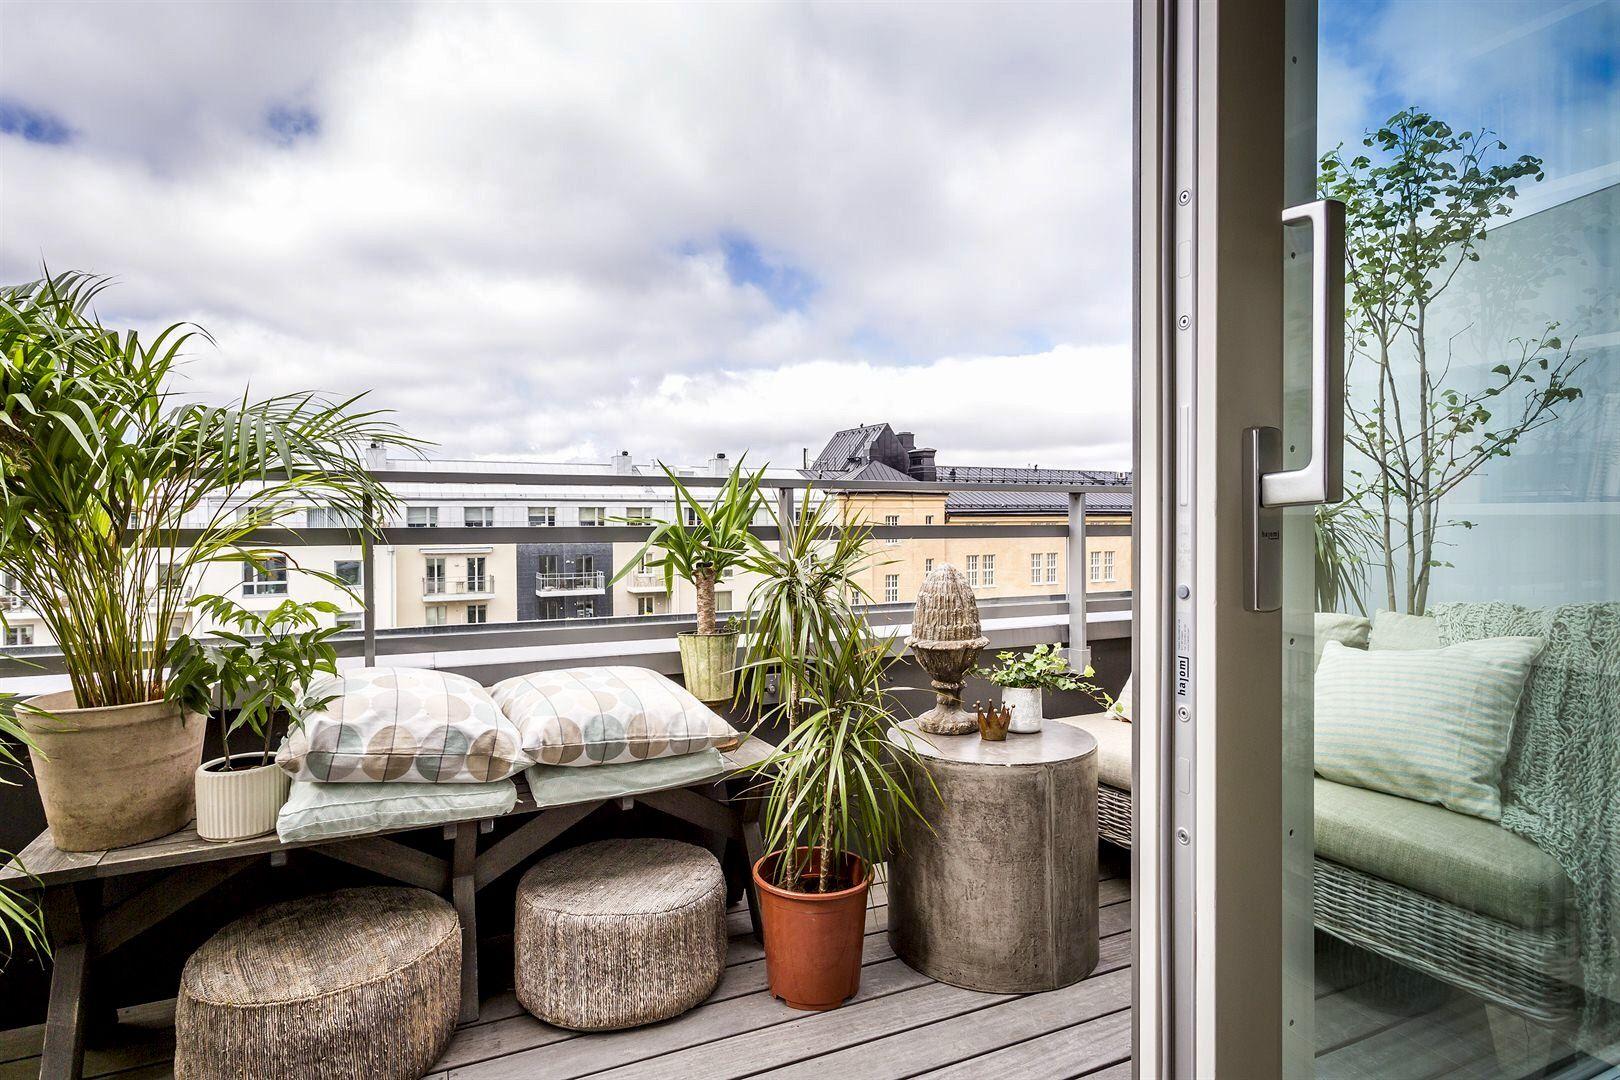 Balkon | Wohnideen | Pinterest